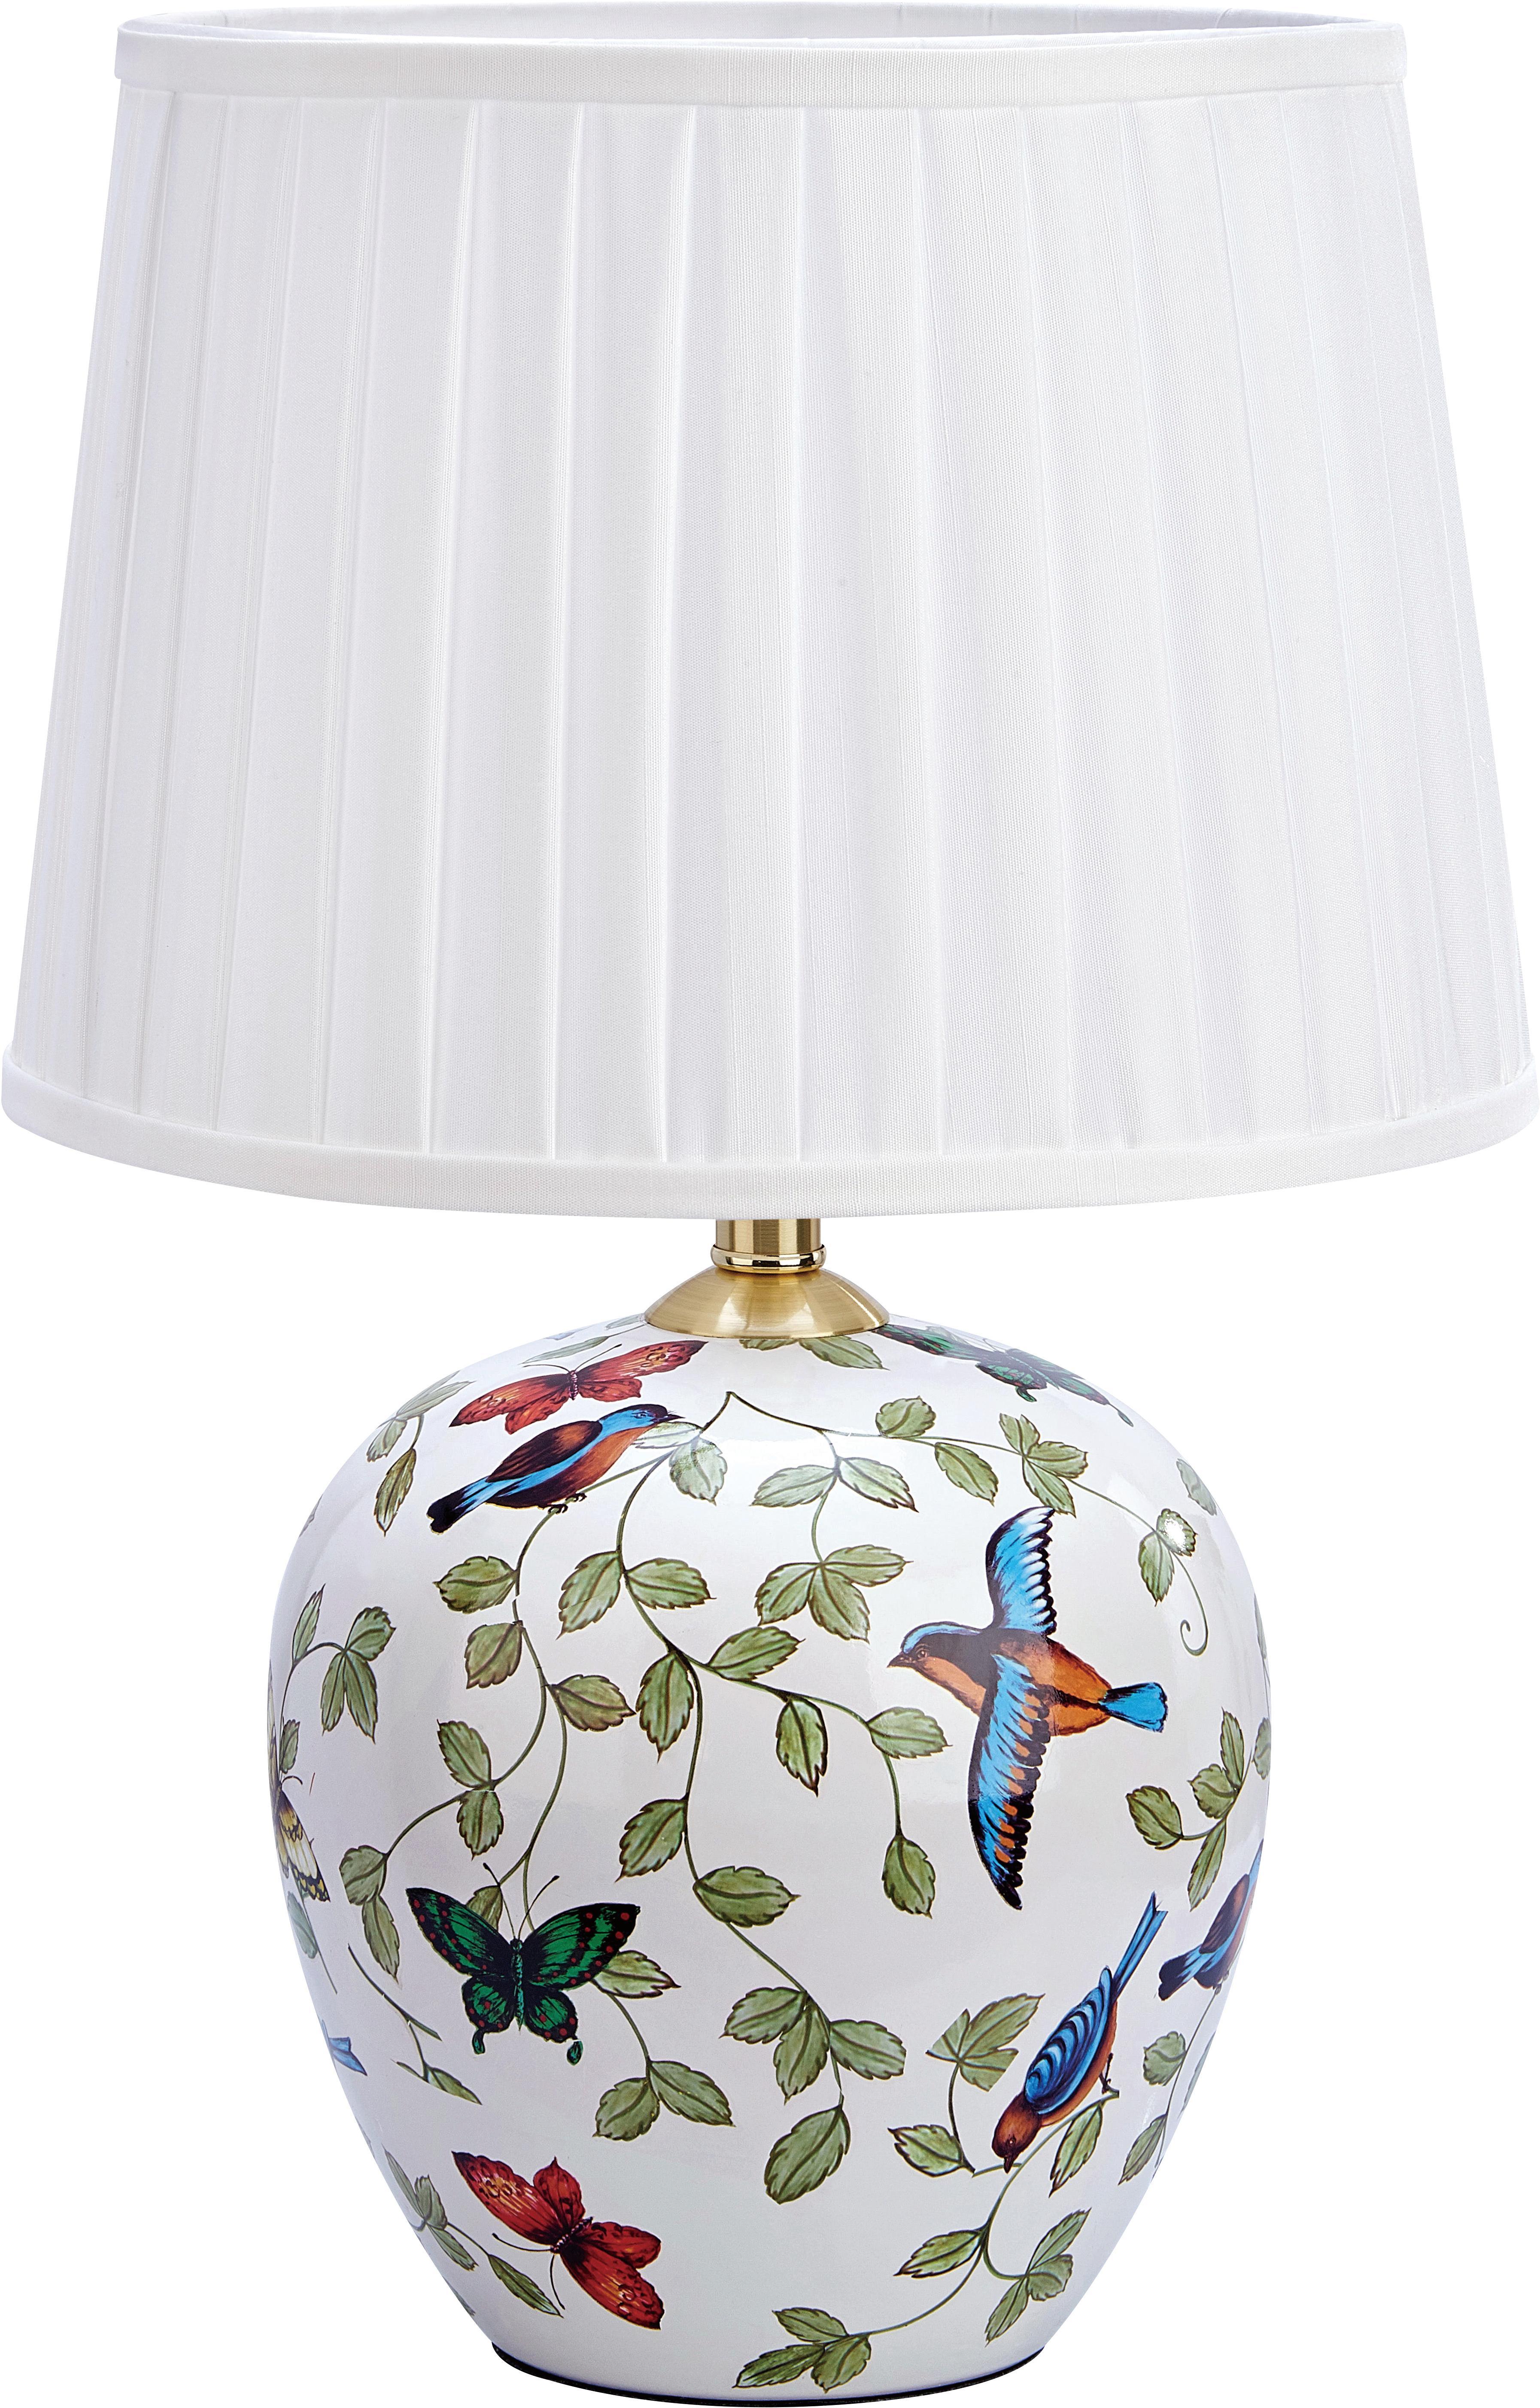 Keramik-Tischleuchte Mansion, Lampenschirm: Textil, Lampenfuß: Keramik, Weiß, Mehrfarbig, Ø 31 x H 45 cm